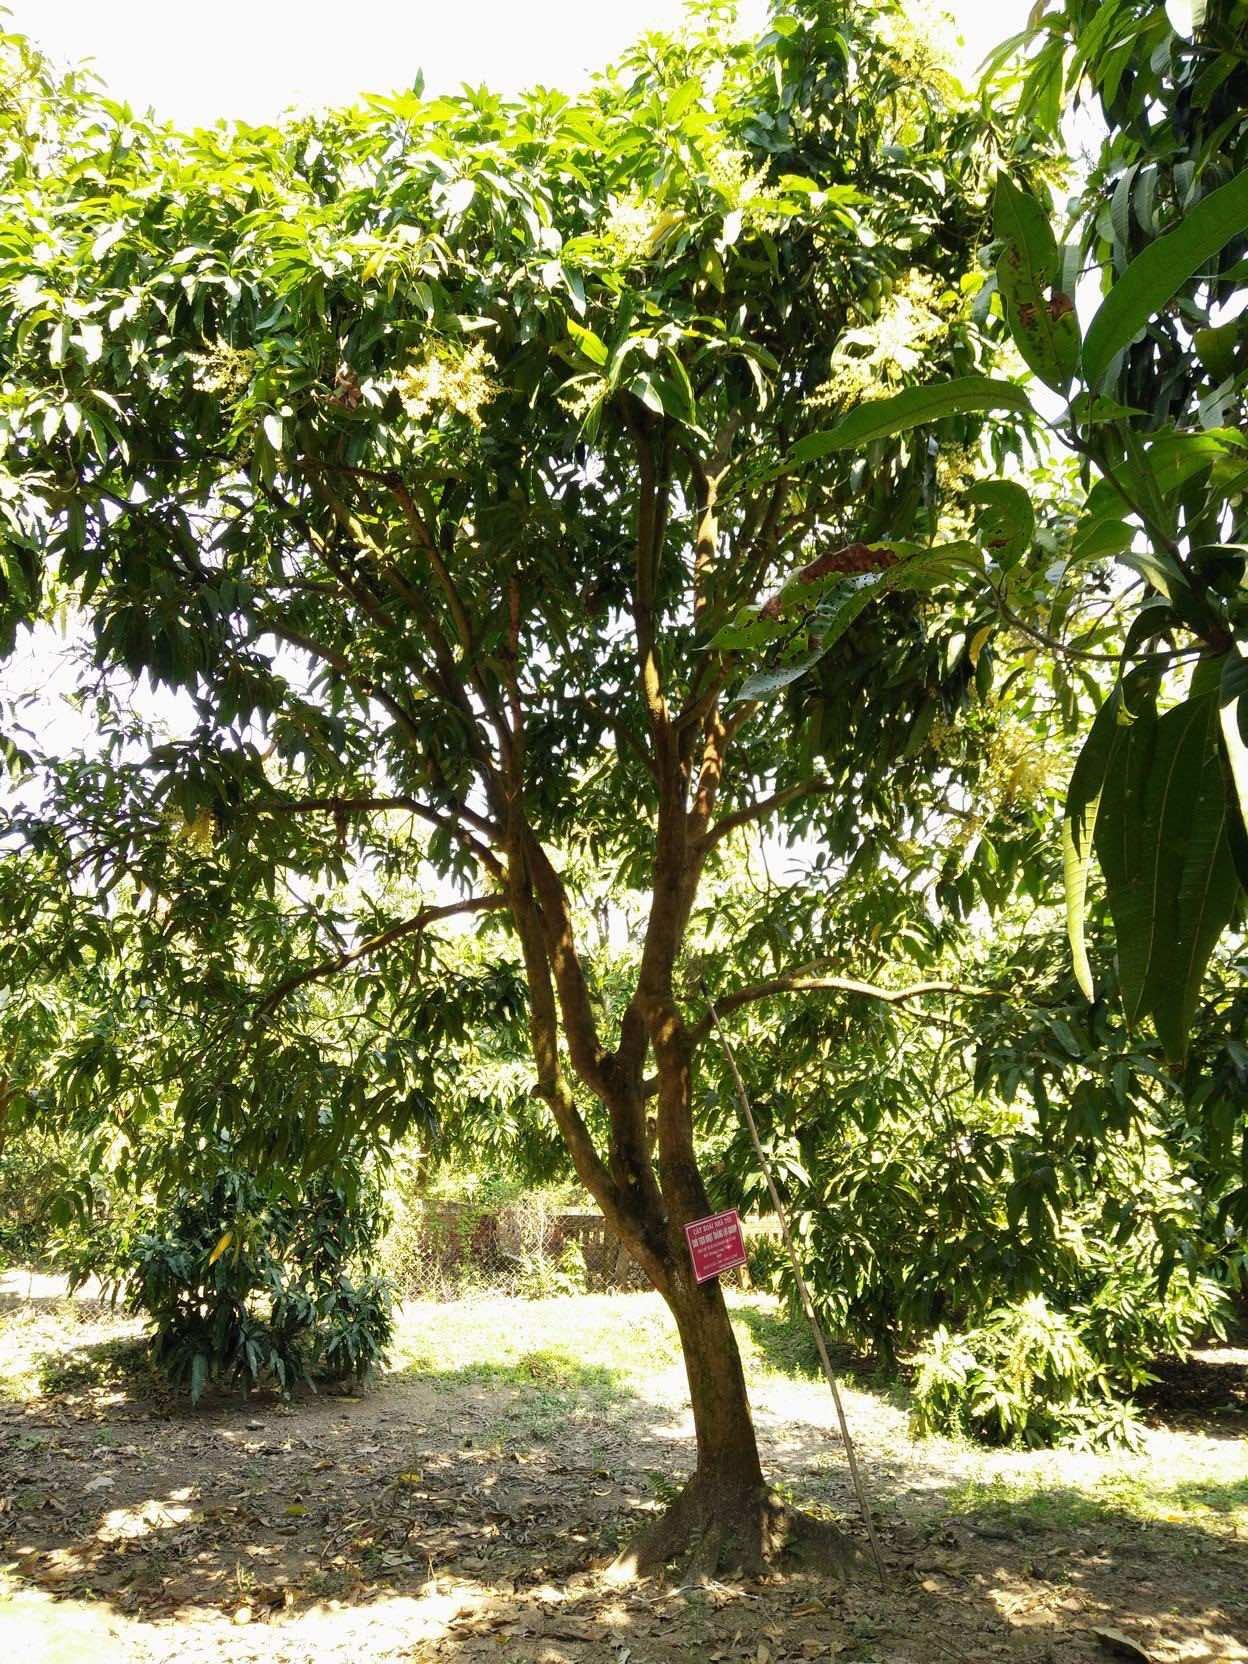 Tán cây xoài rộng, có thể trồng để lấy bóng mát